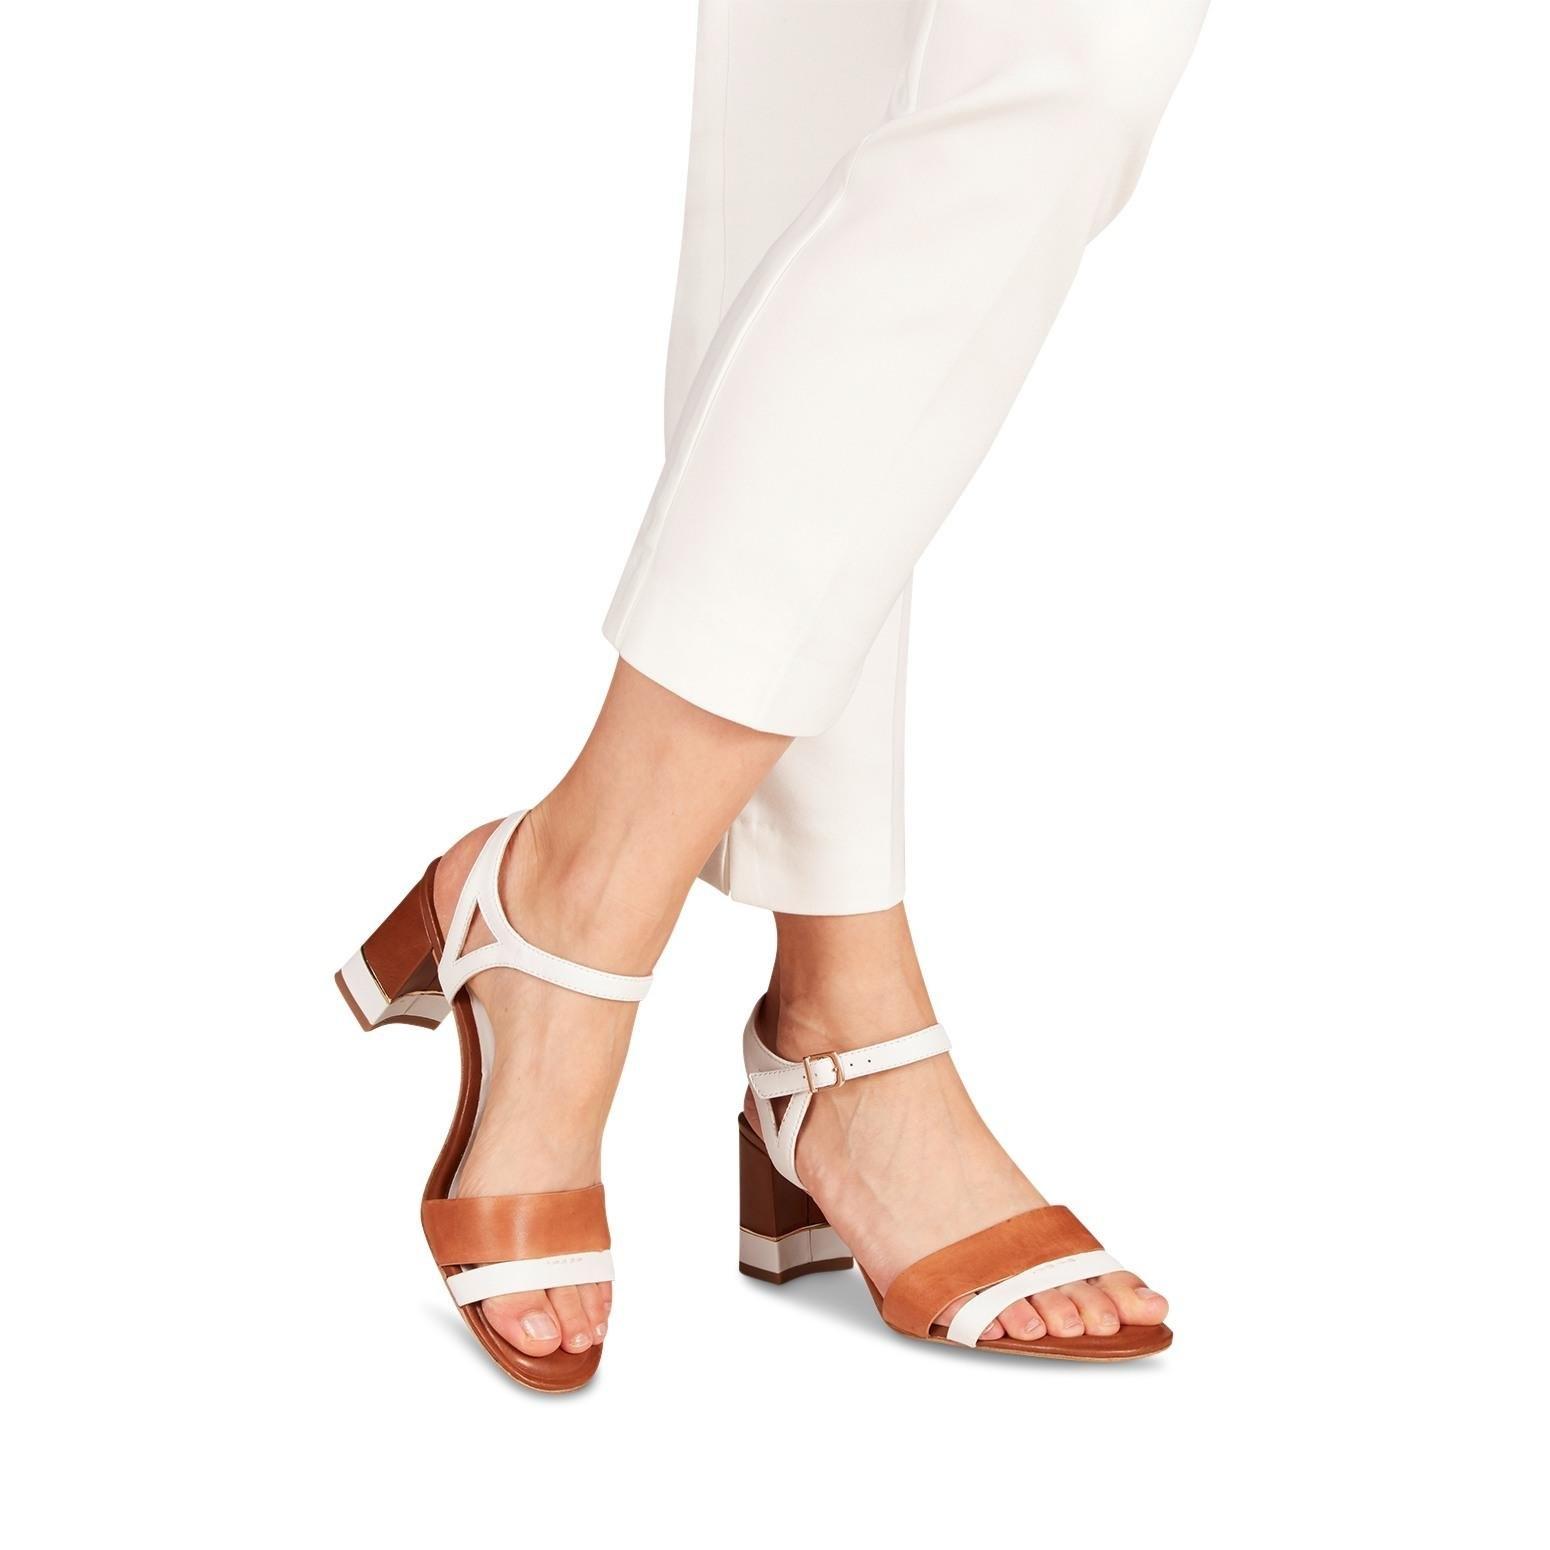 Tamaris sandaaltjes DALINA met beklede hak nu online kopen bij OTTO